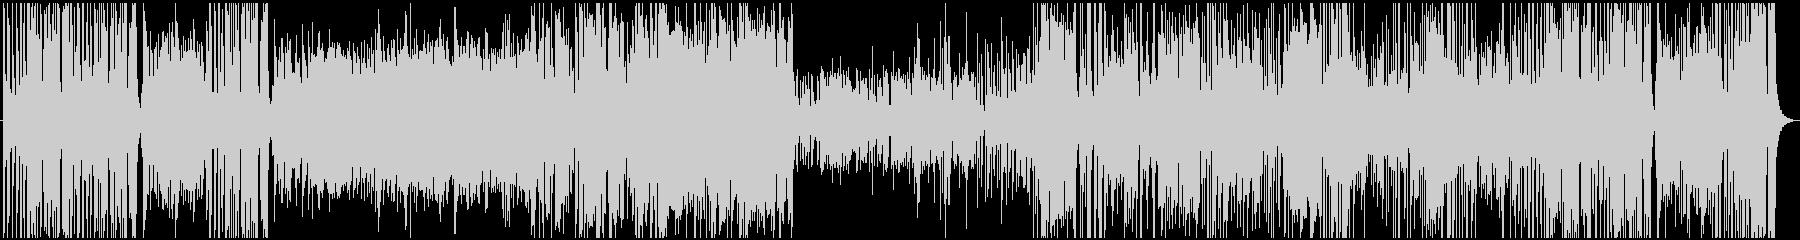 テーマベーストランペットとピアノソ...の未再生の波形